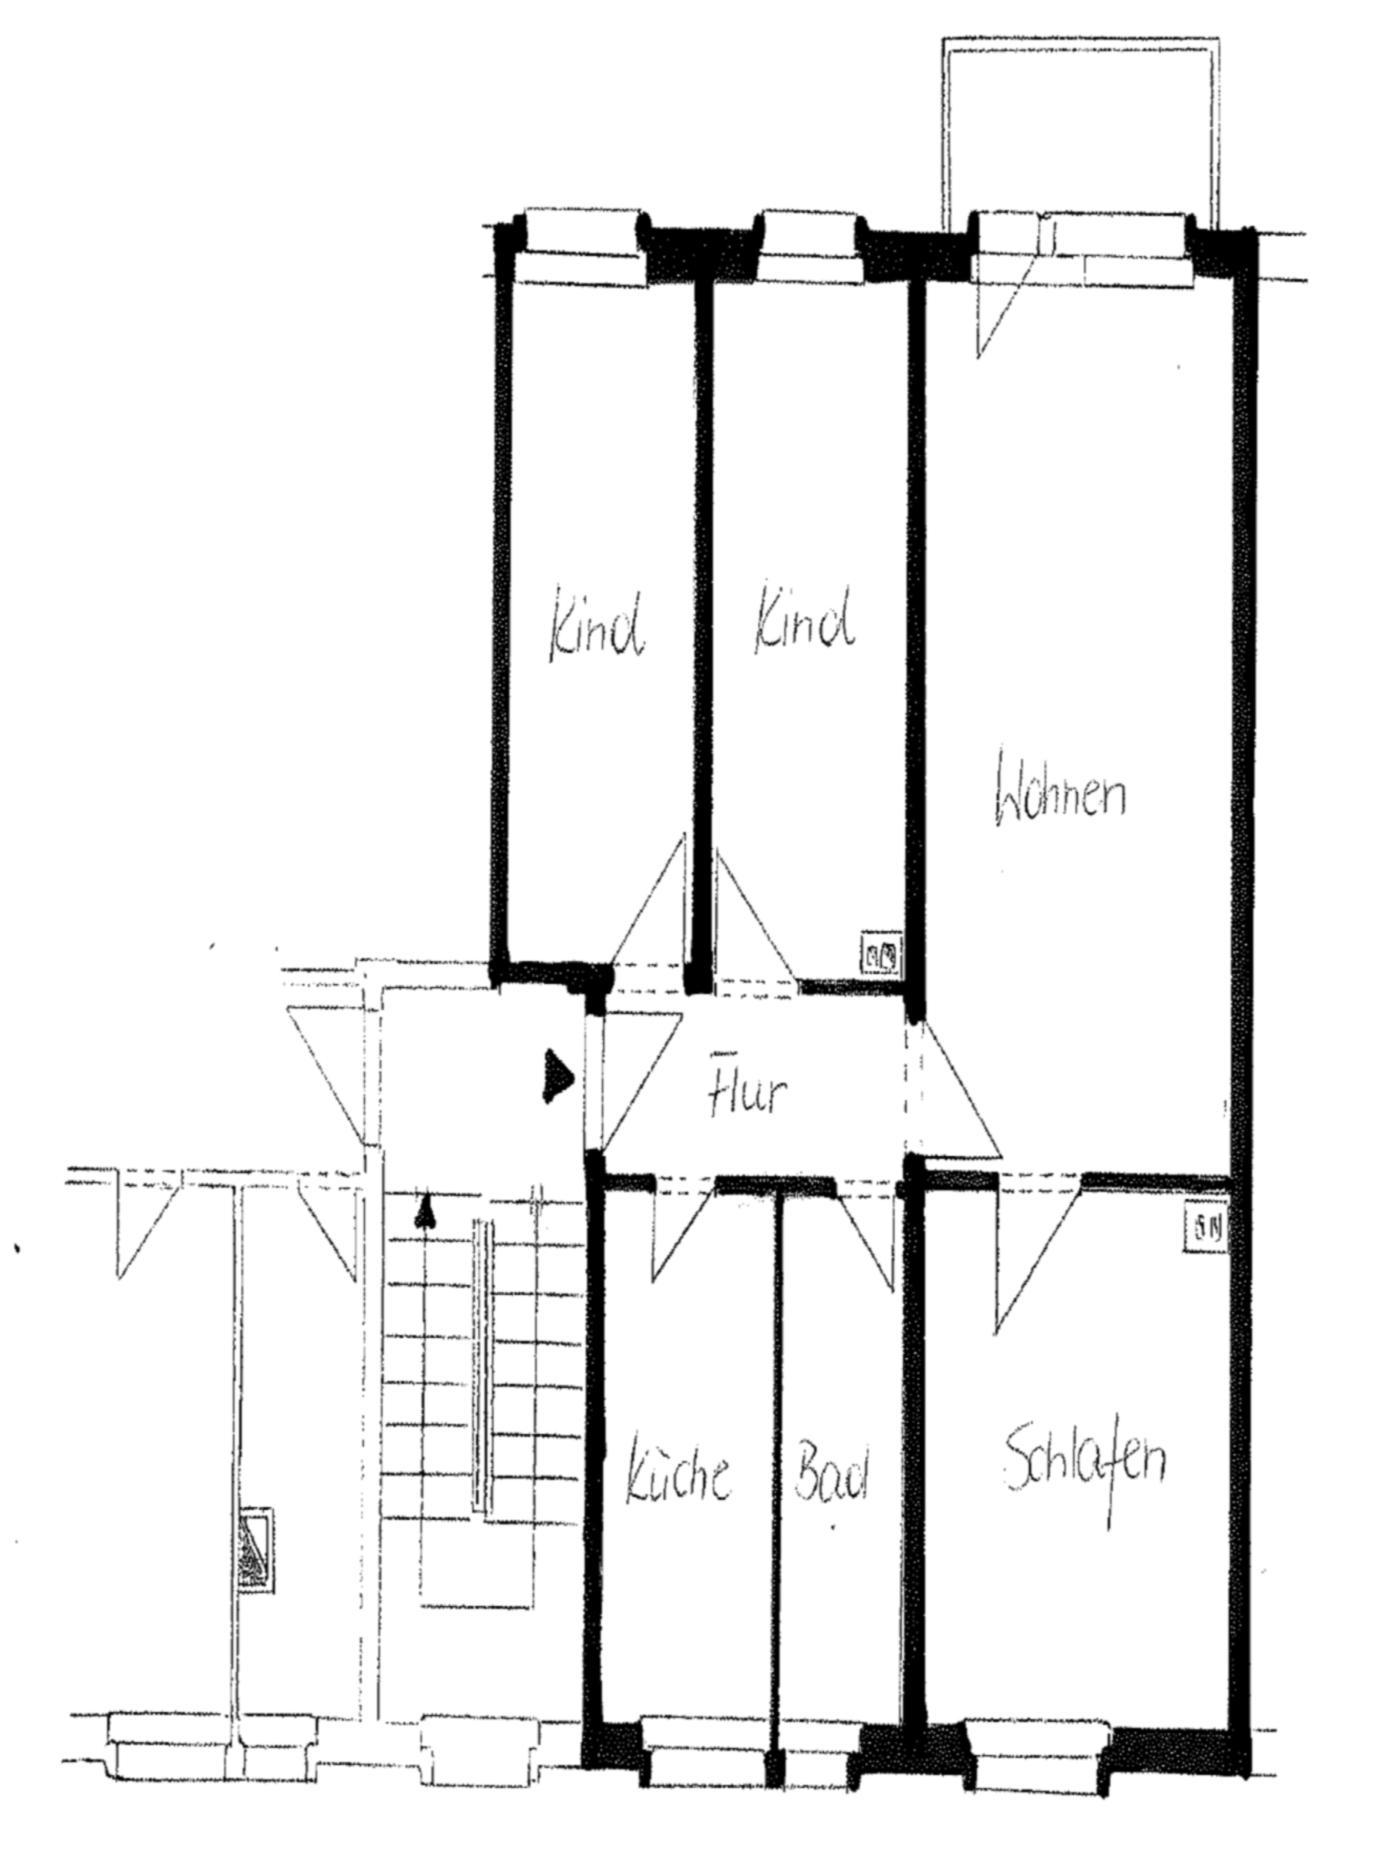 WGb AT 46 und 52_4 Raum rechts_bearbeitet